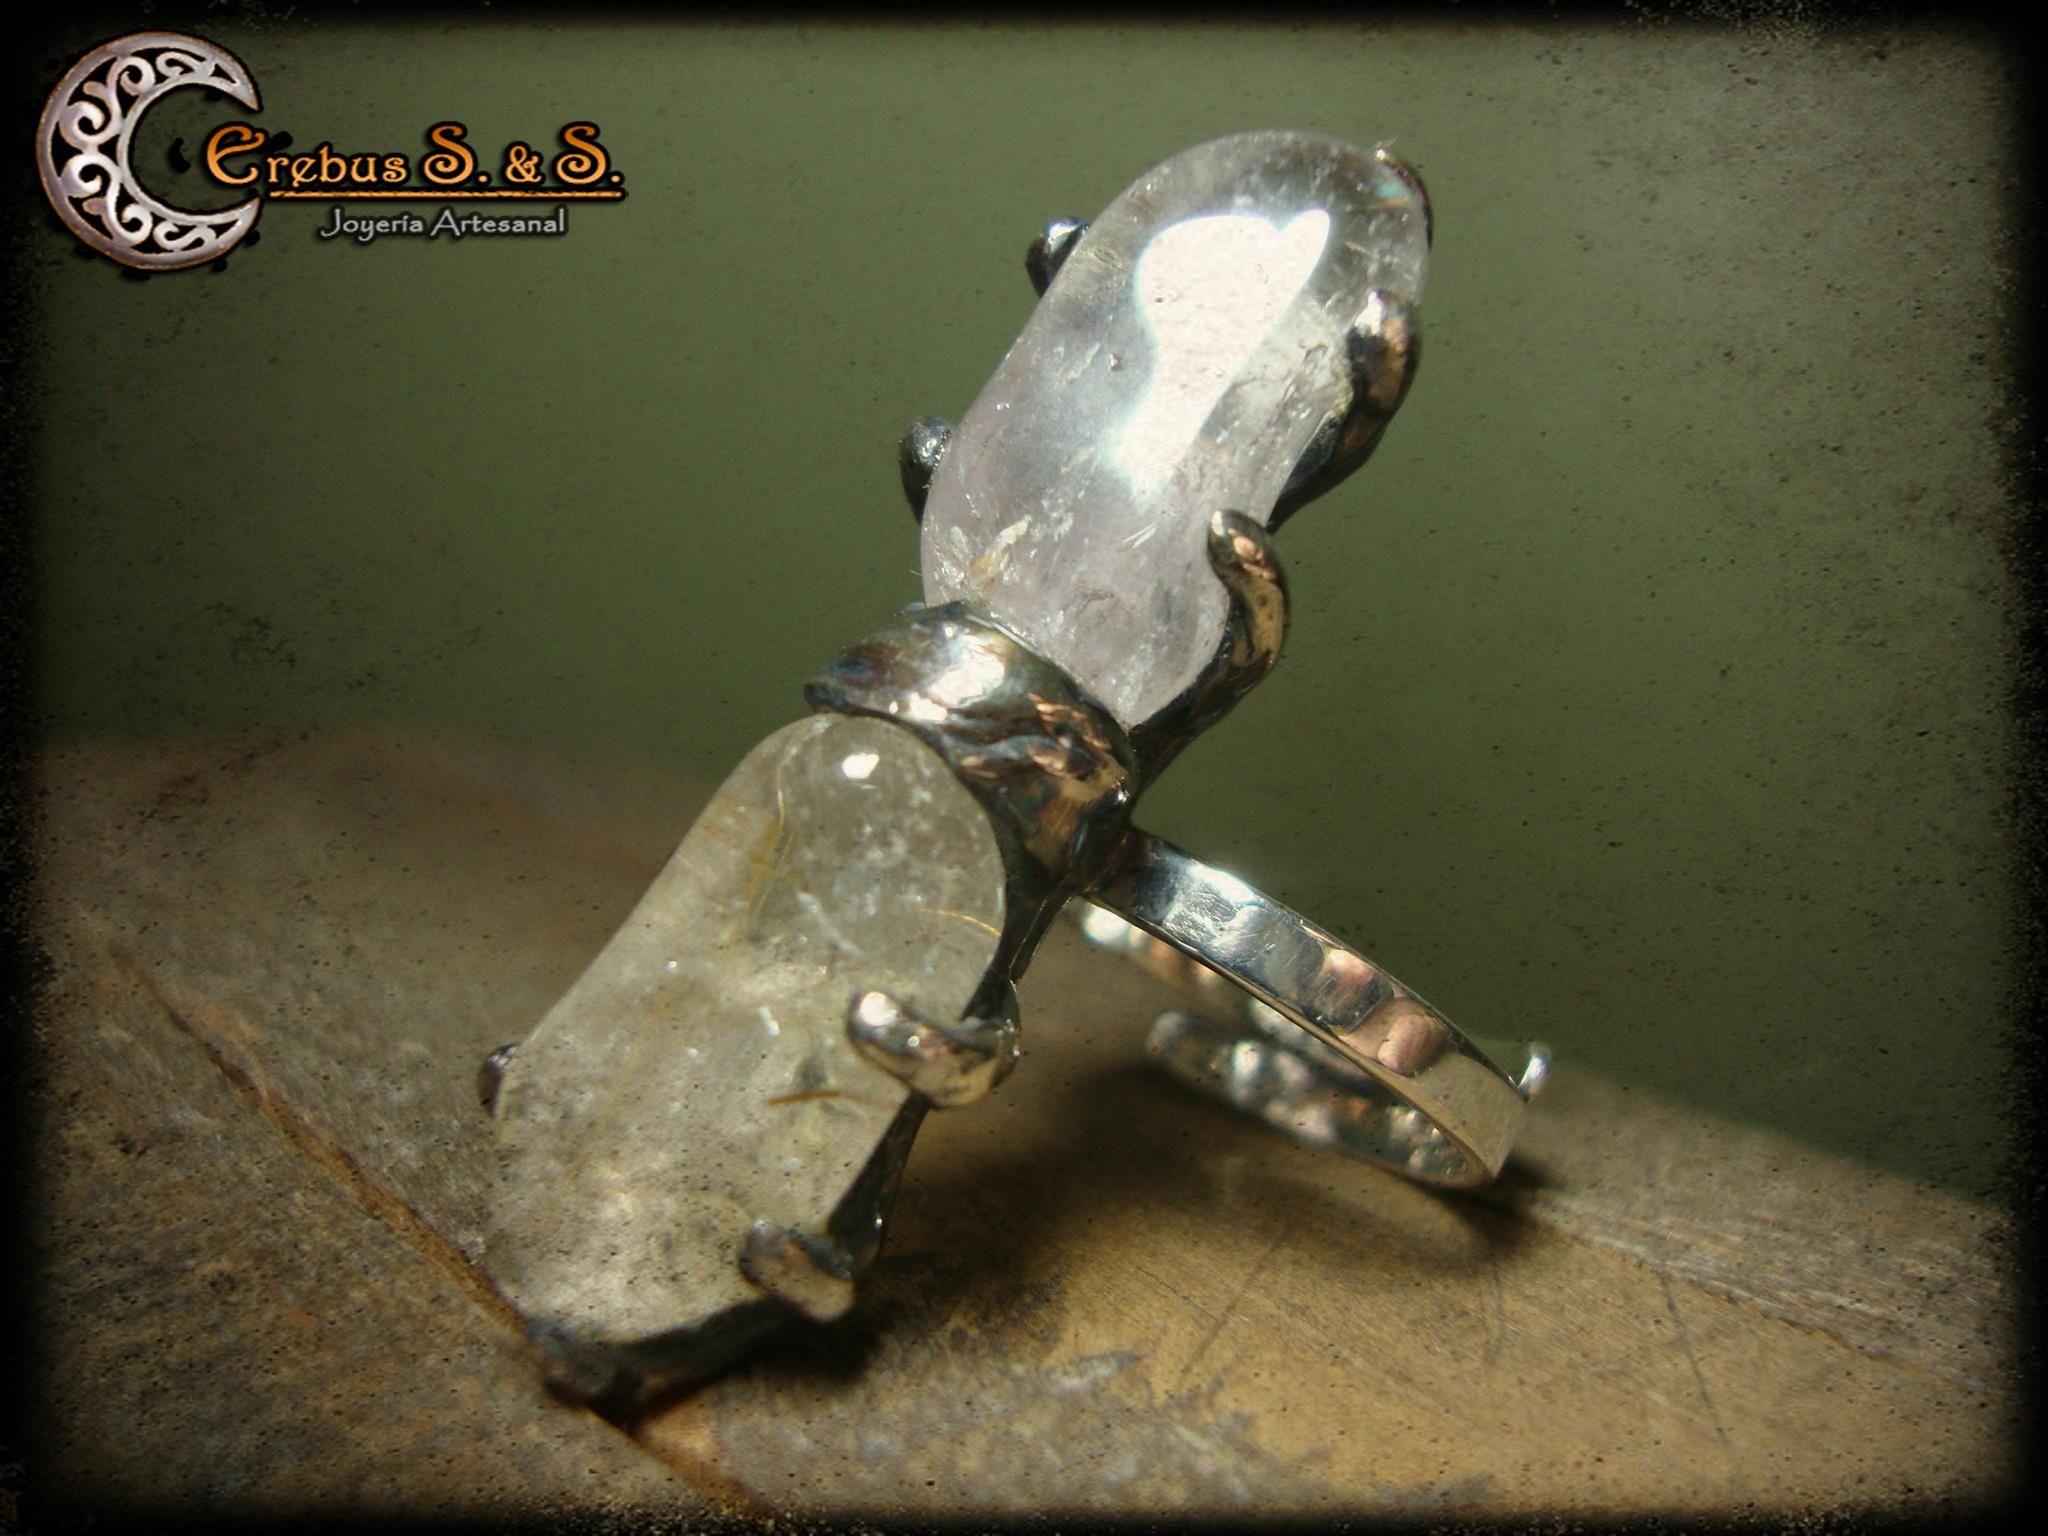 Anillo de cuerpo ajustable en plata ley 925 con 2 cuarzos.  https://www.facebook.com/photo.php?fbid=442686782445198=a.442684695778740.92876.200704913310054=3